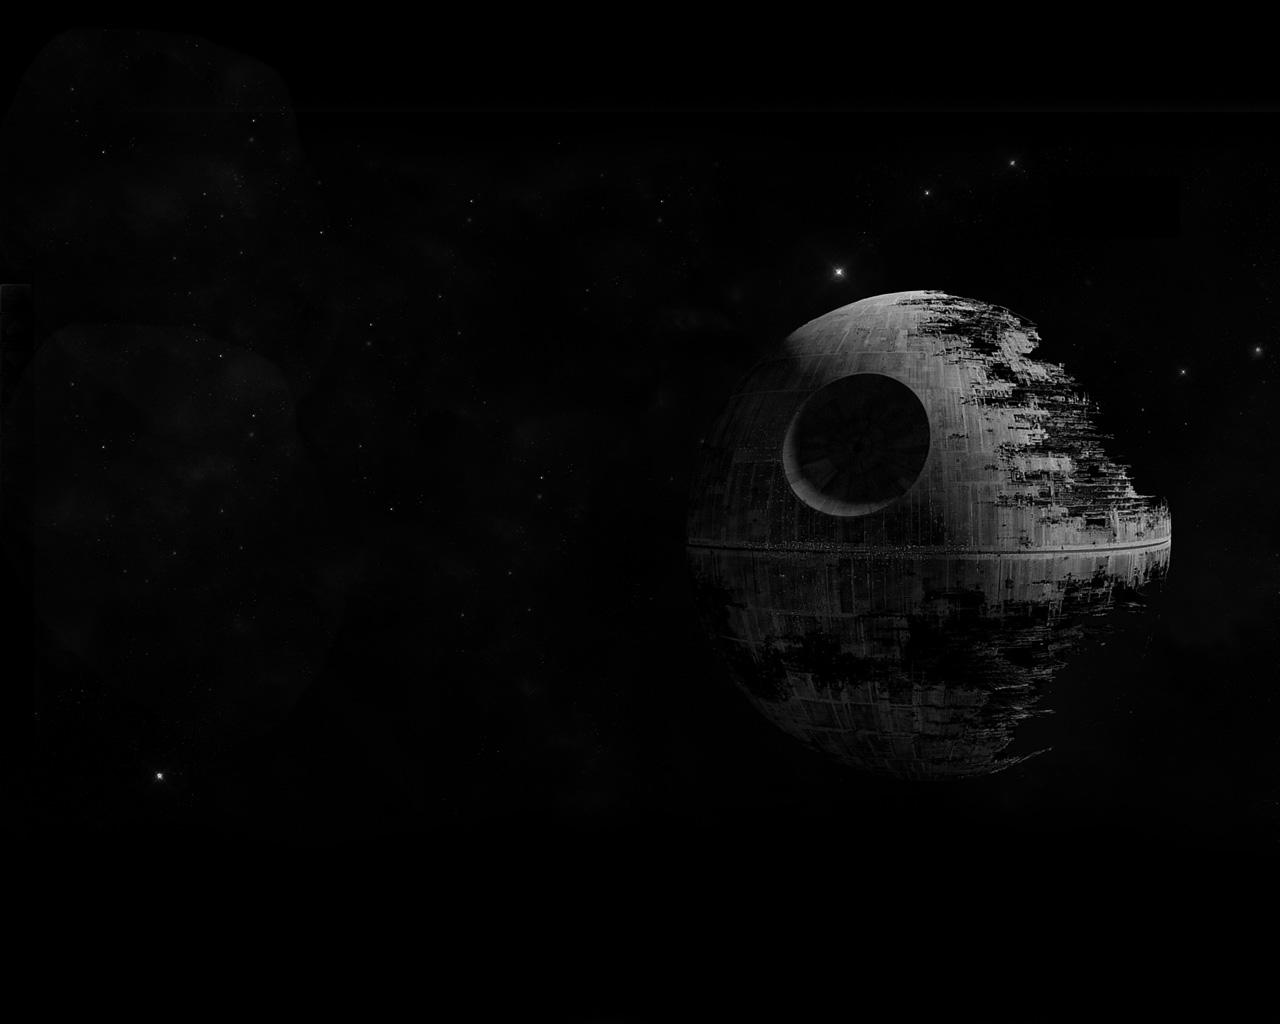 Death Star Star Wars Wallpaper 1280x1024